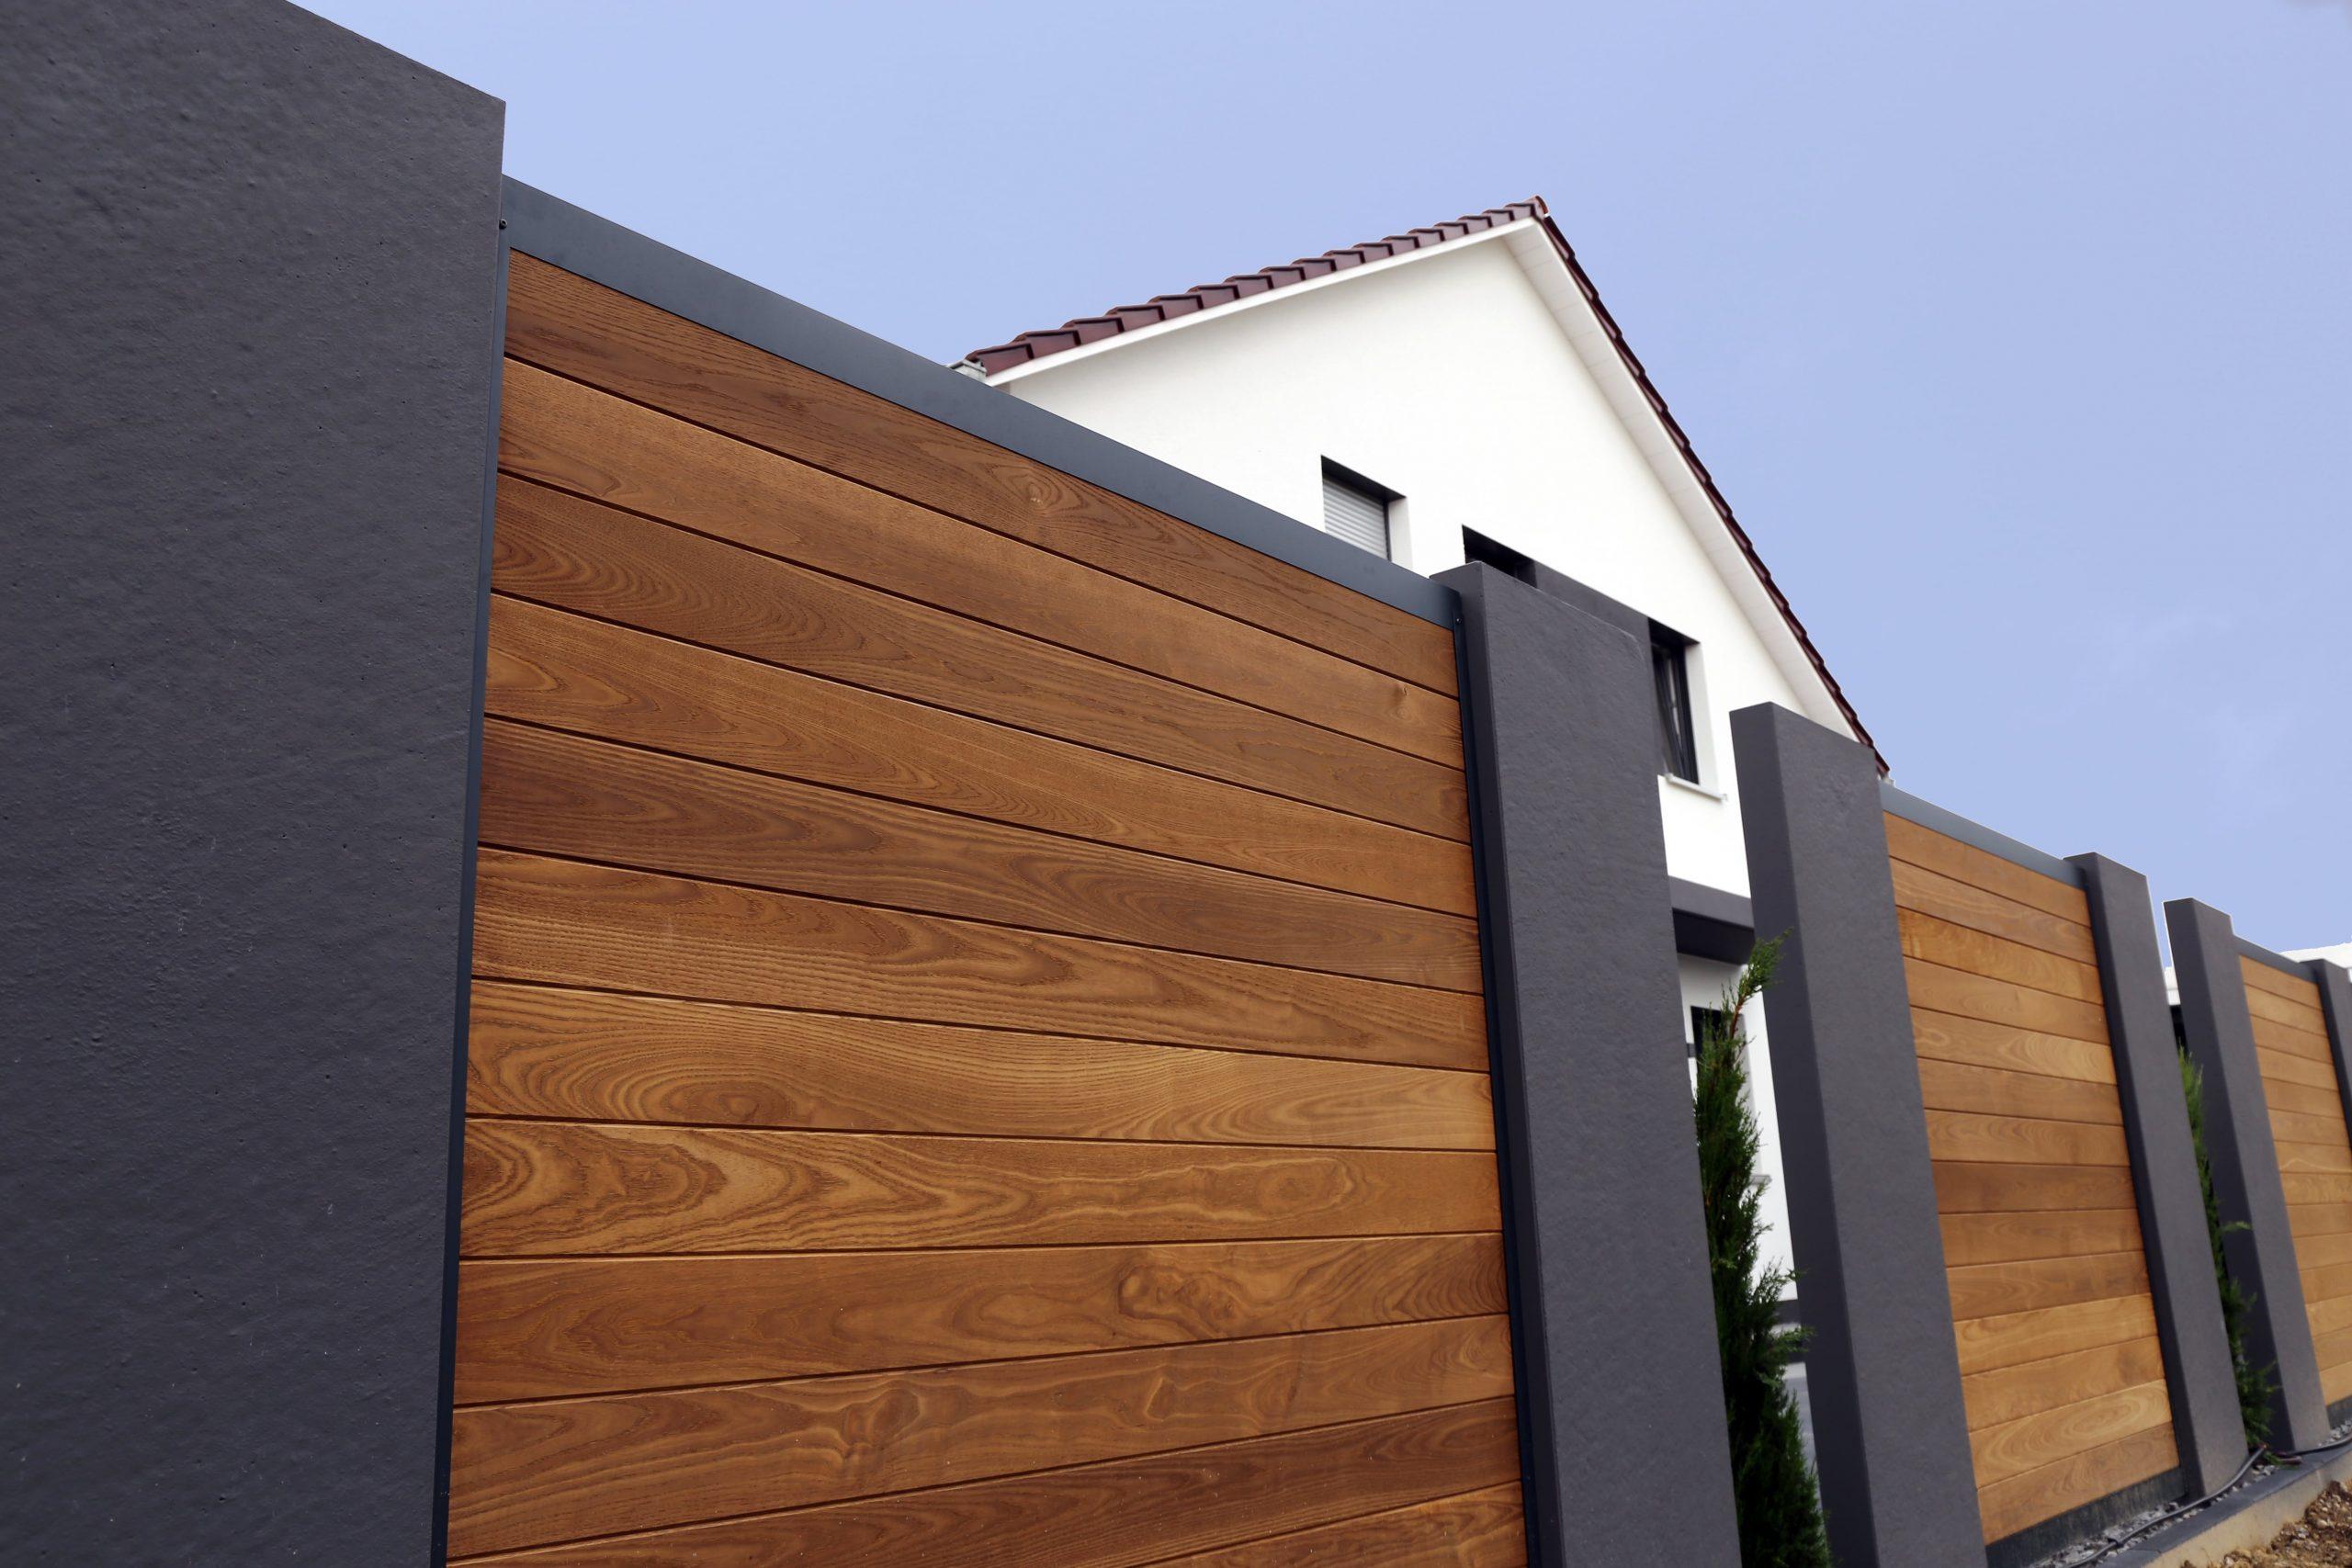 shutterstock_1175737780-min-scaled.jpg